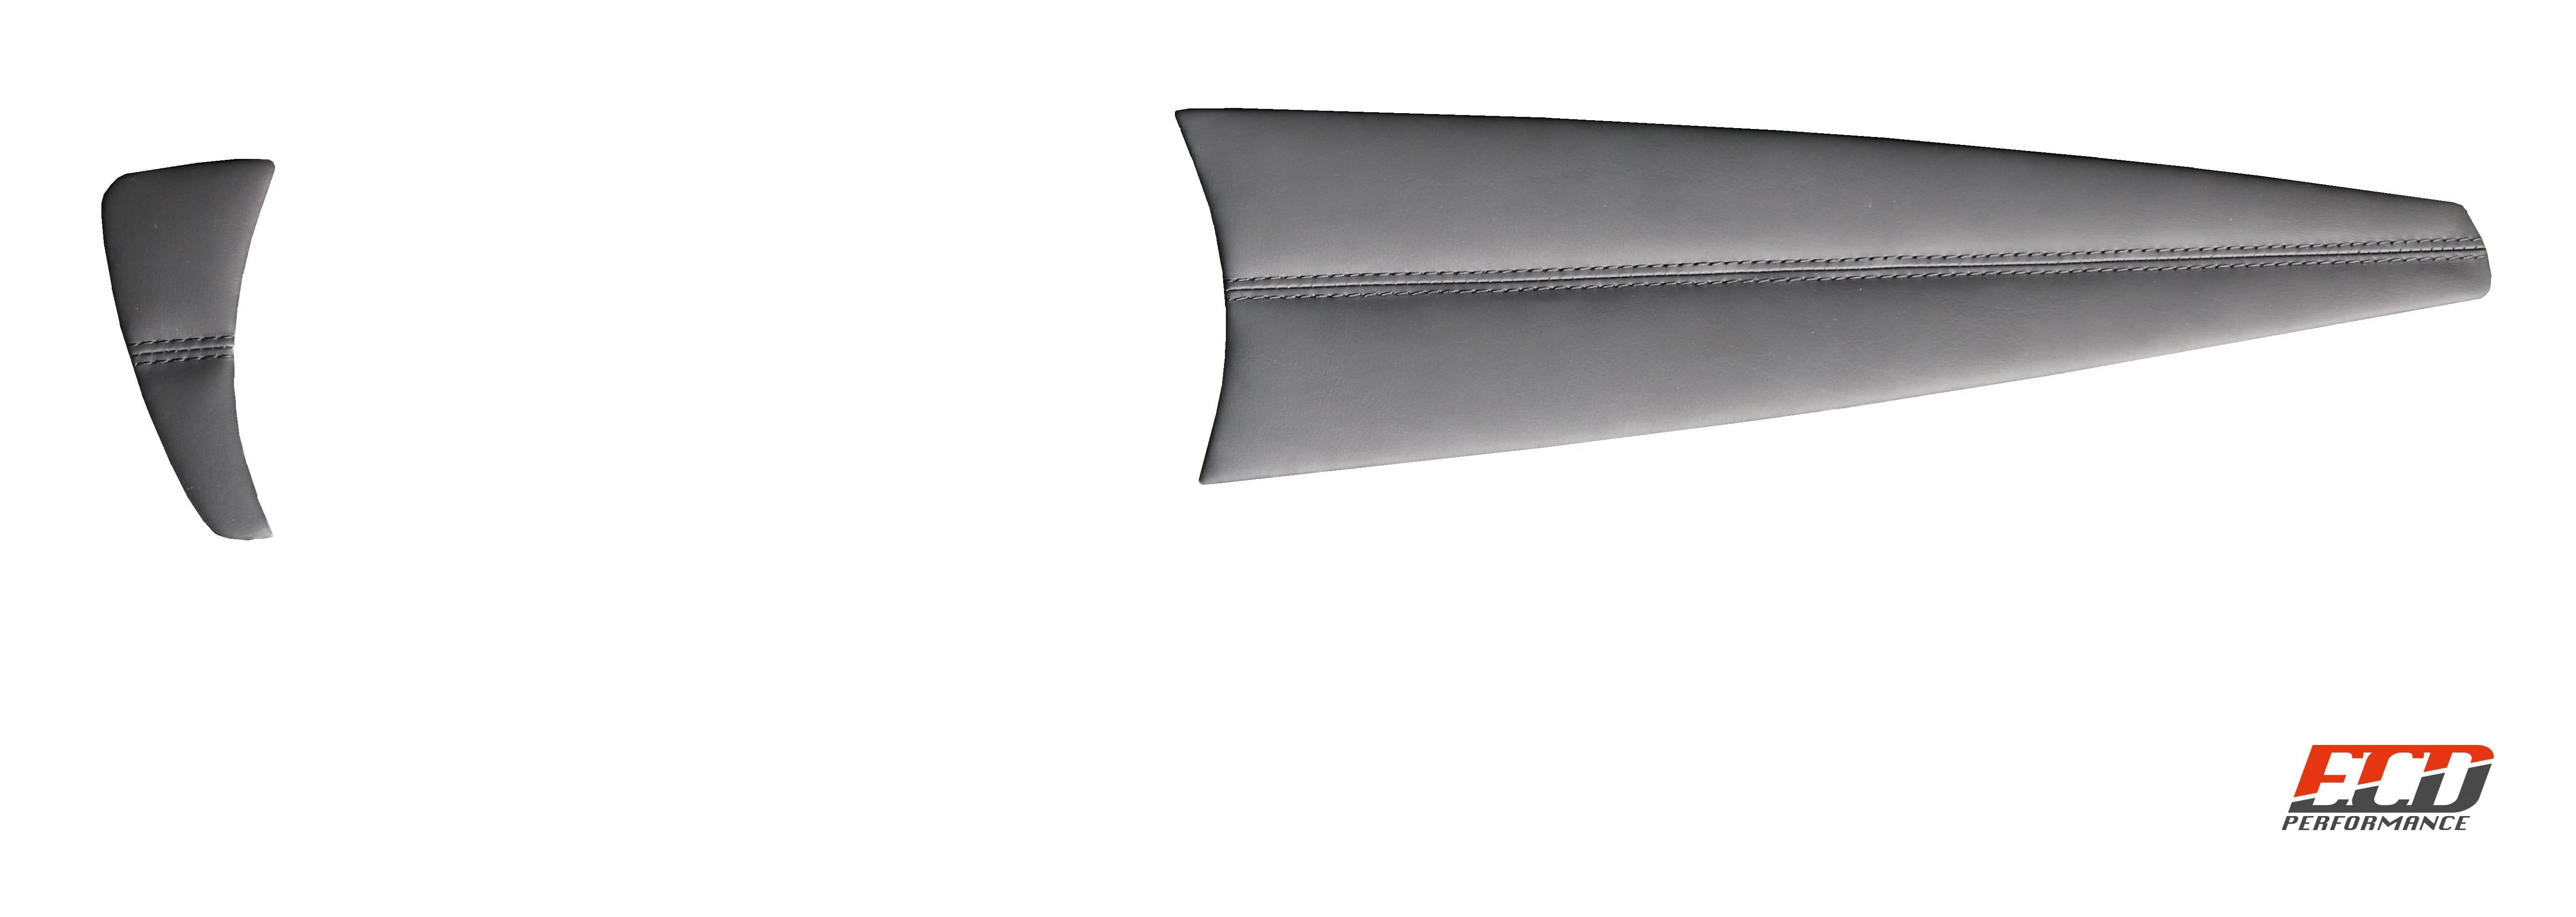 Nappa Interior Trim Individual Bmw Z4 E85 E86 Nappa Leather Parts By Ecd Performance Wish Color Ecd Ilb E85 4